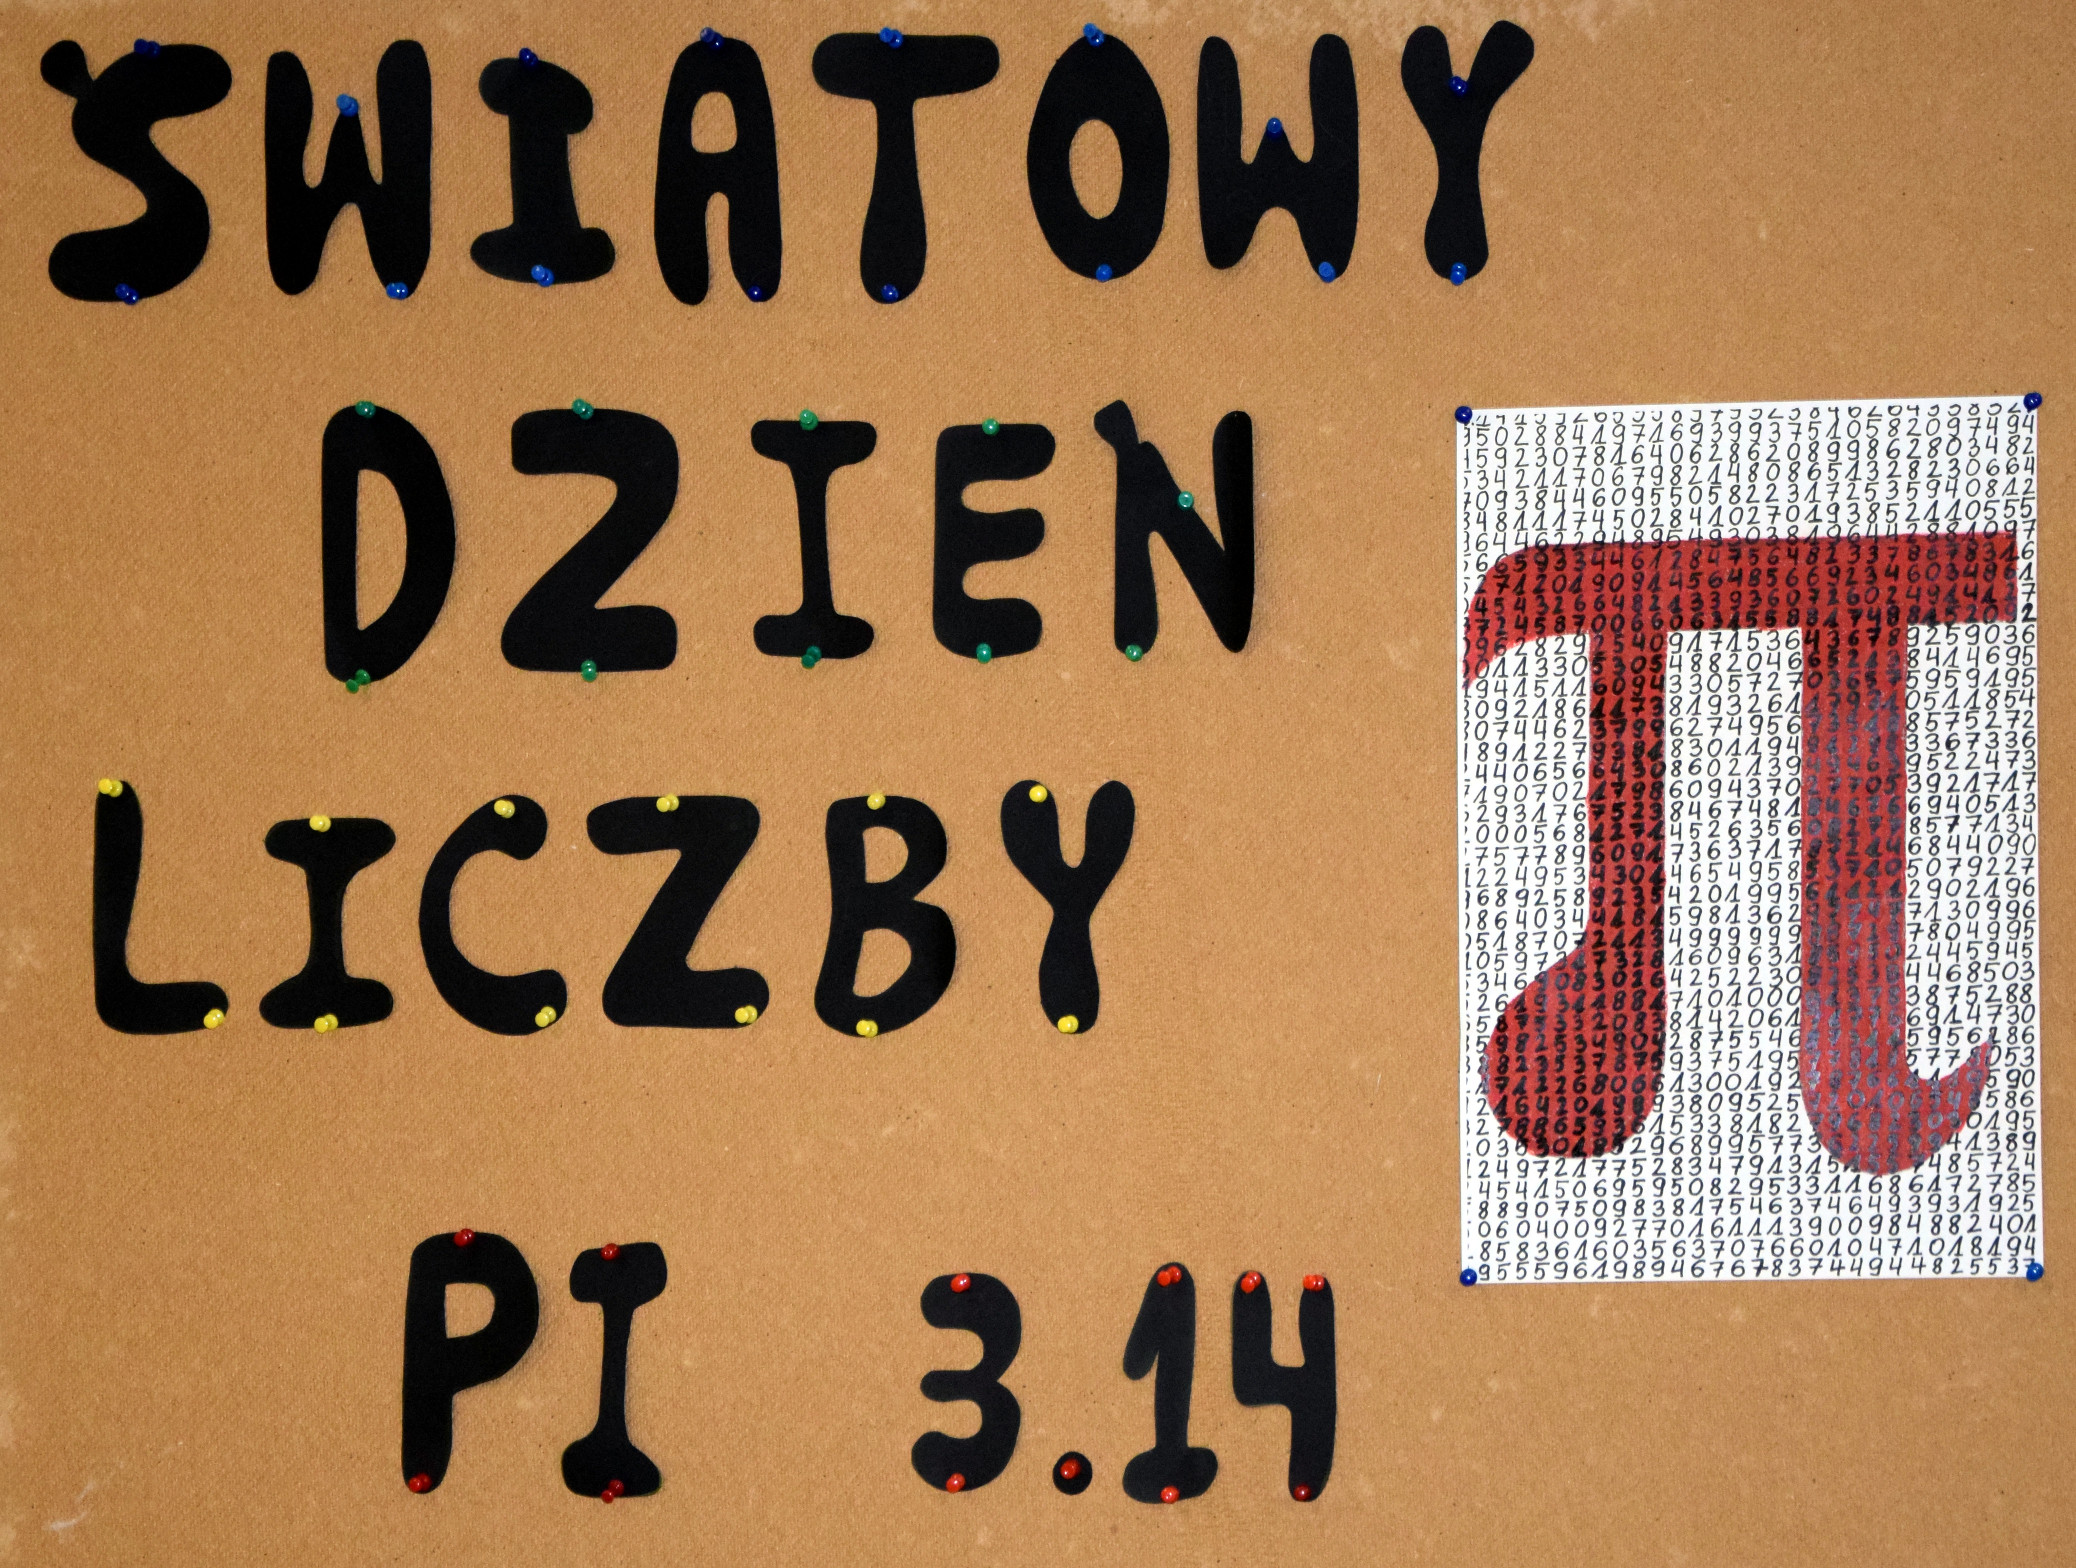 światowy dzień liczby pi